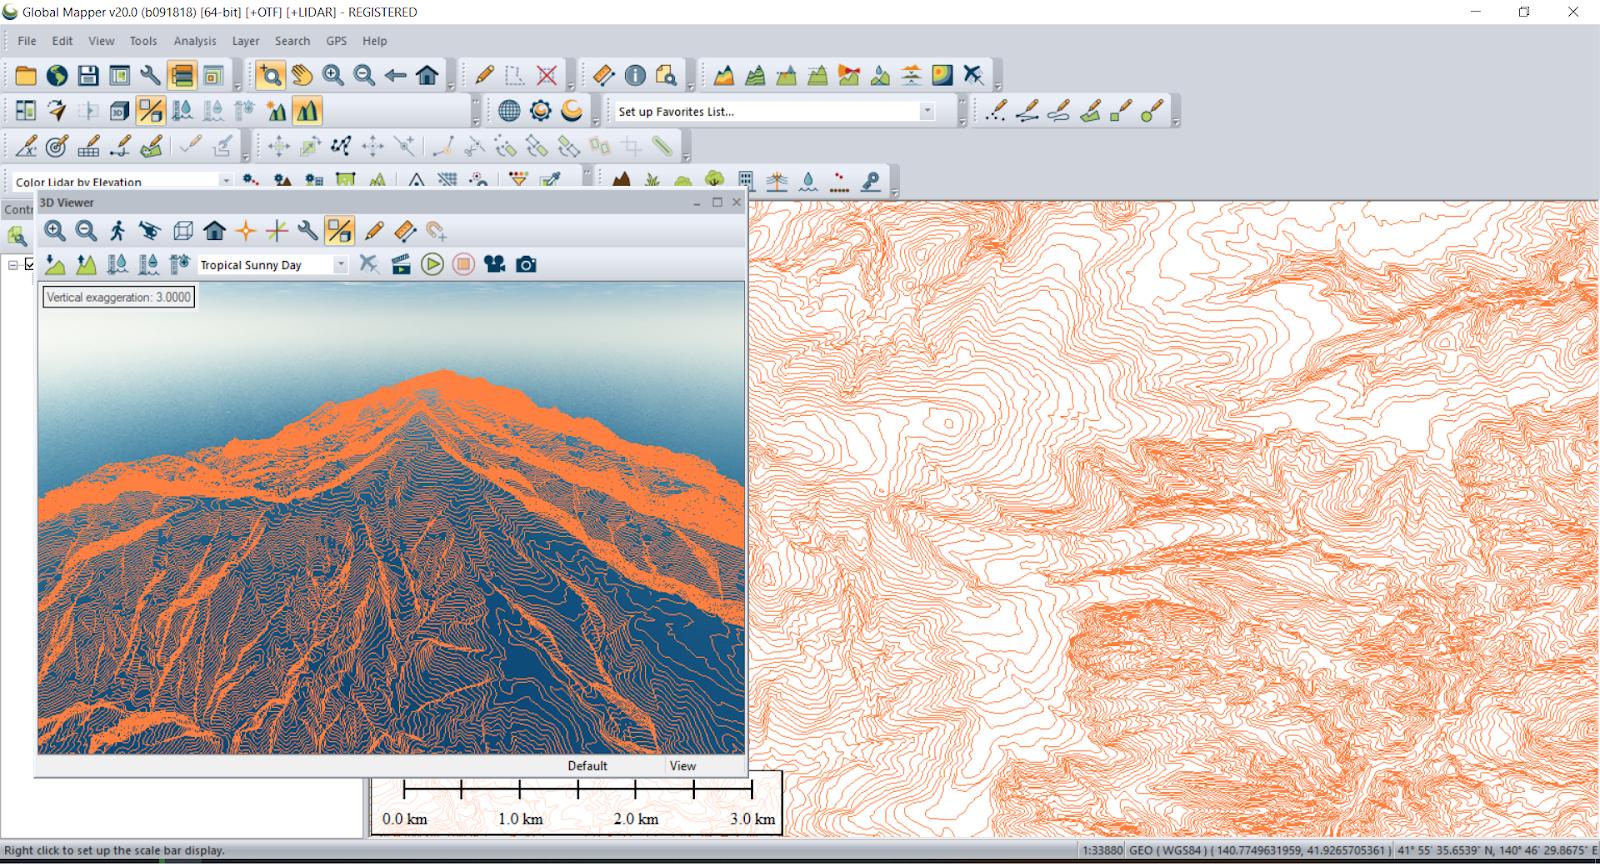 global mapper 20 free download full version crack